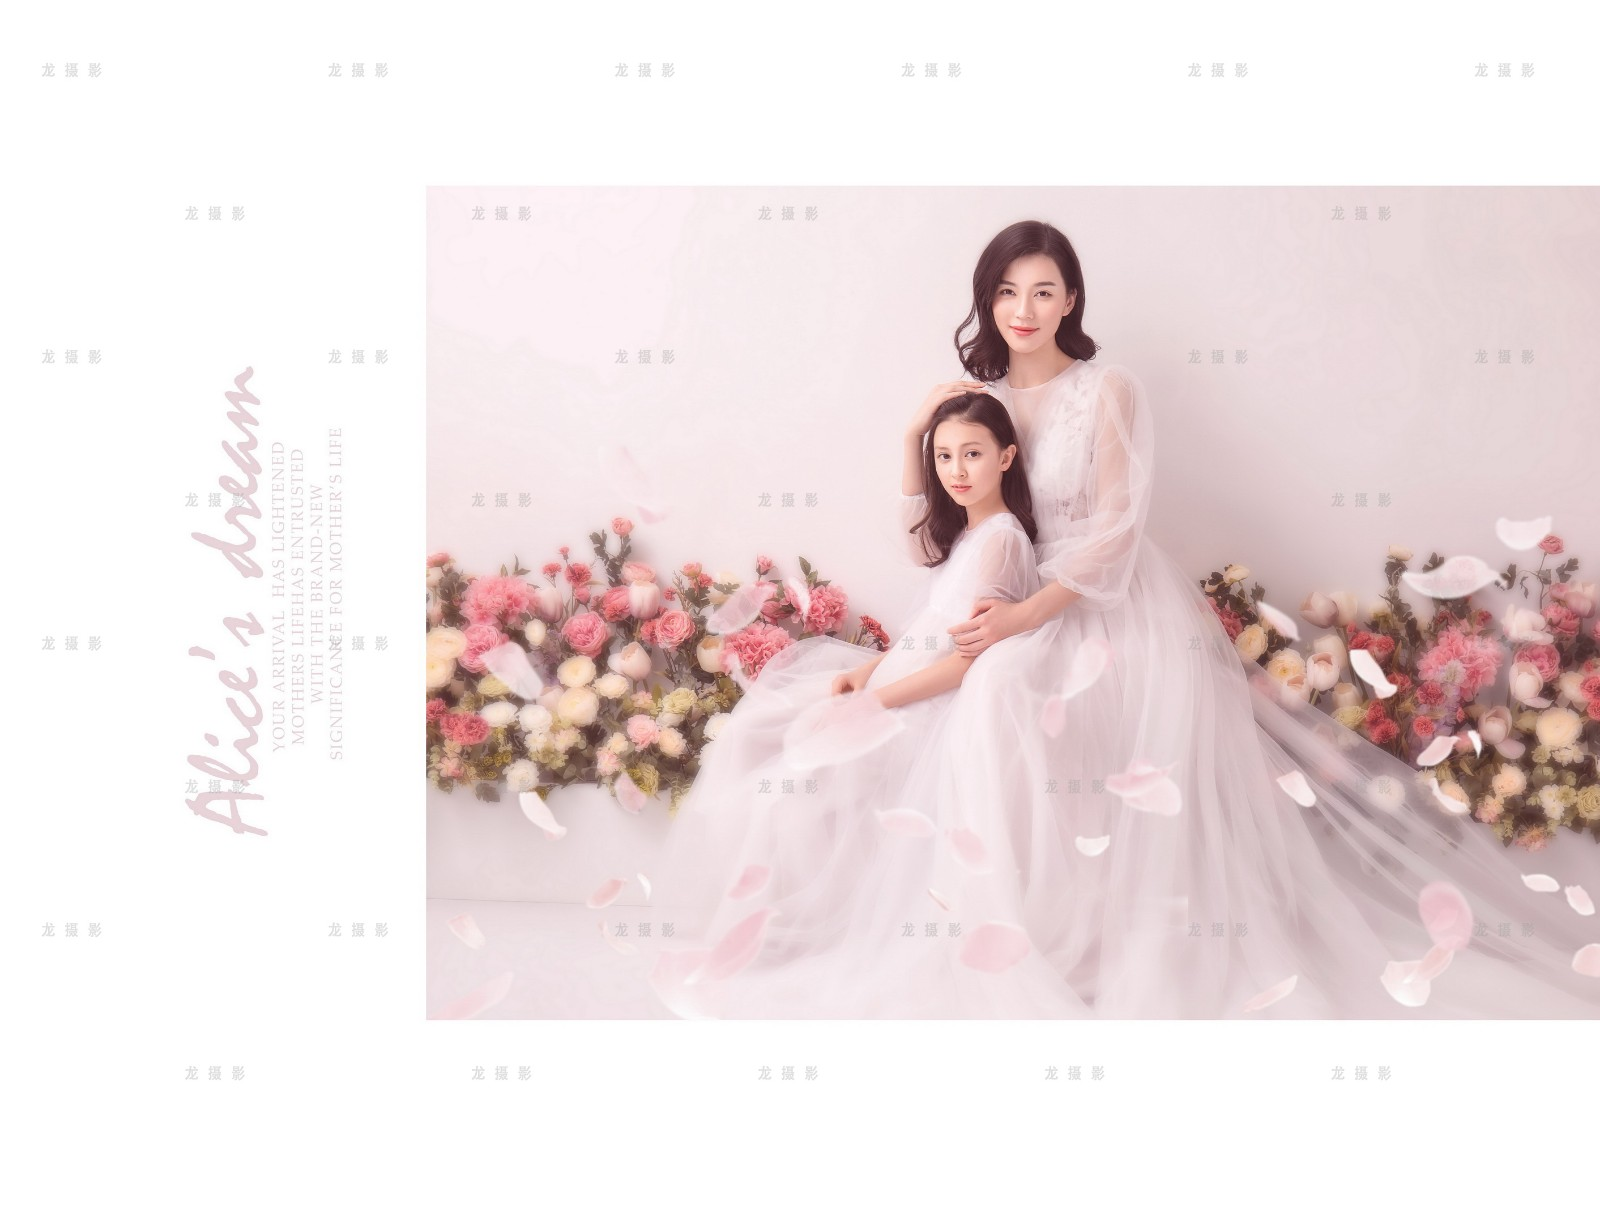 26套期遇册|样片展示-朝阳尊爵龙摄影有限公司